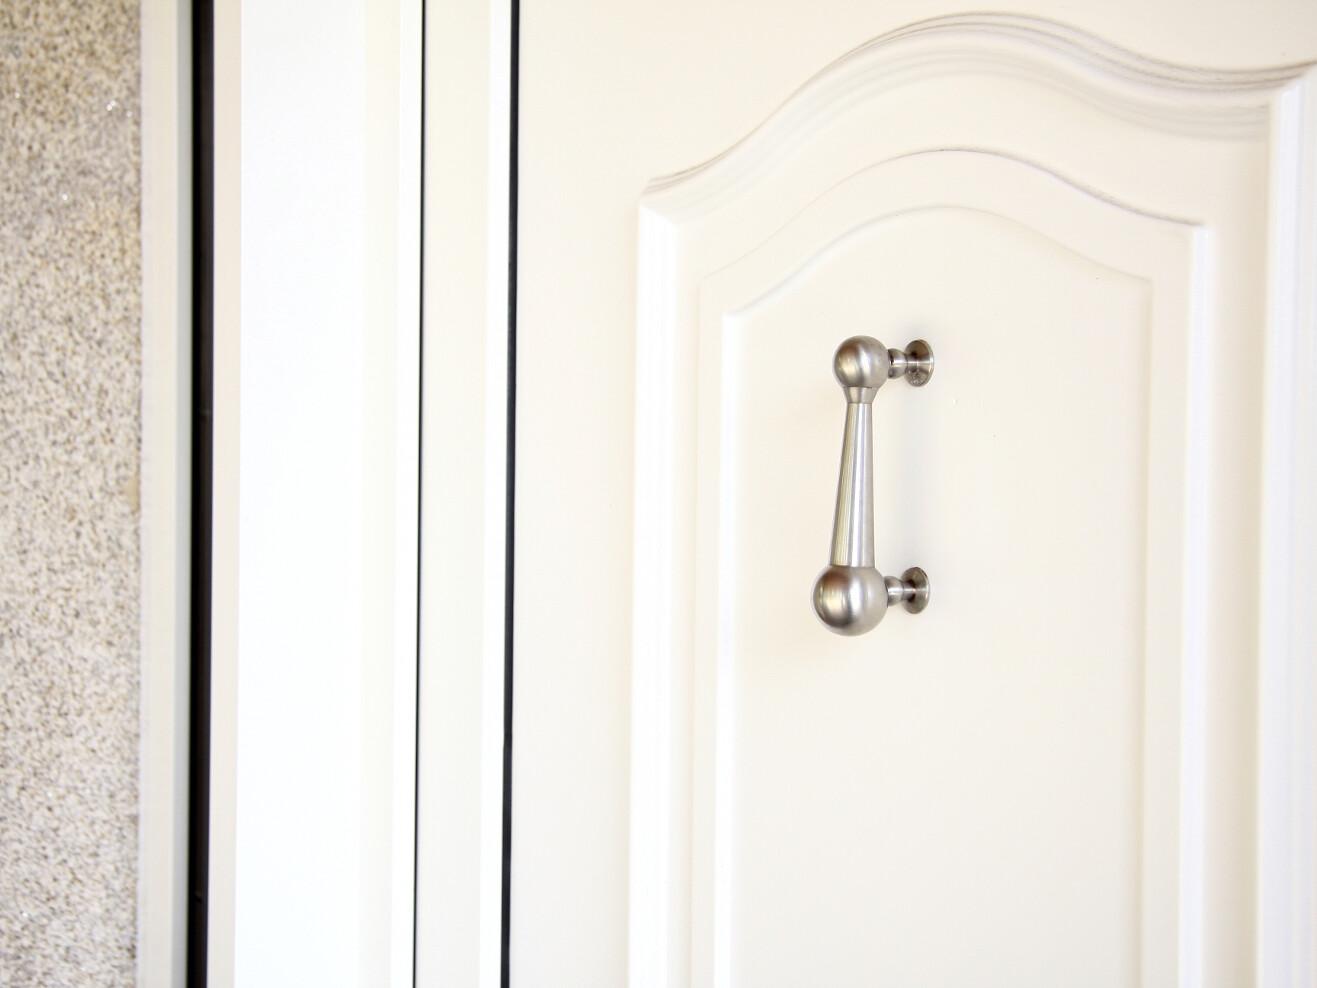 Llamador en puerta blanca